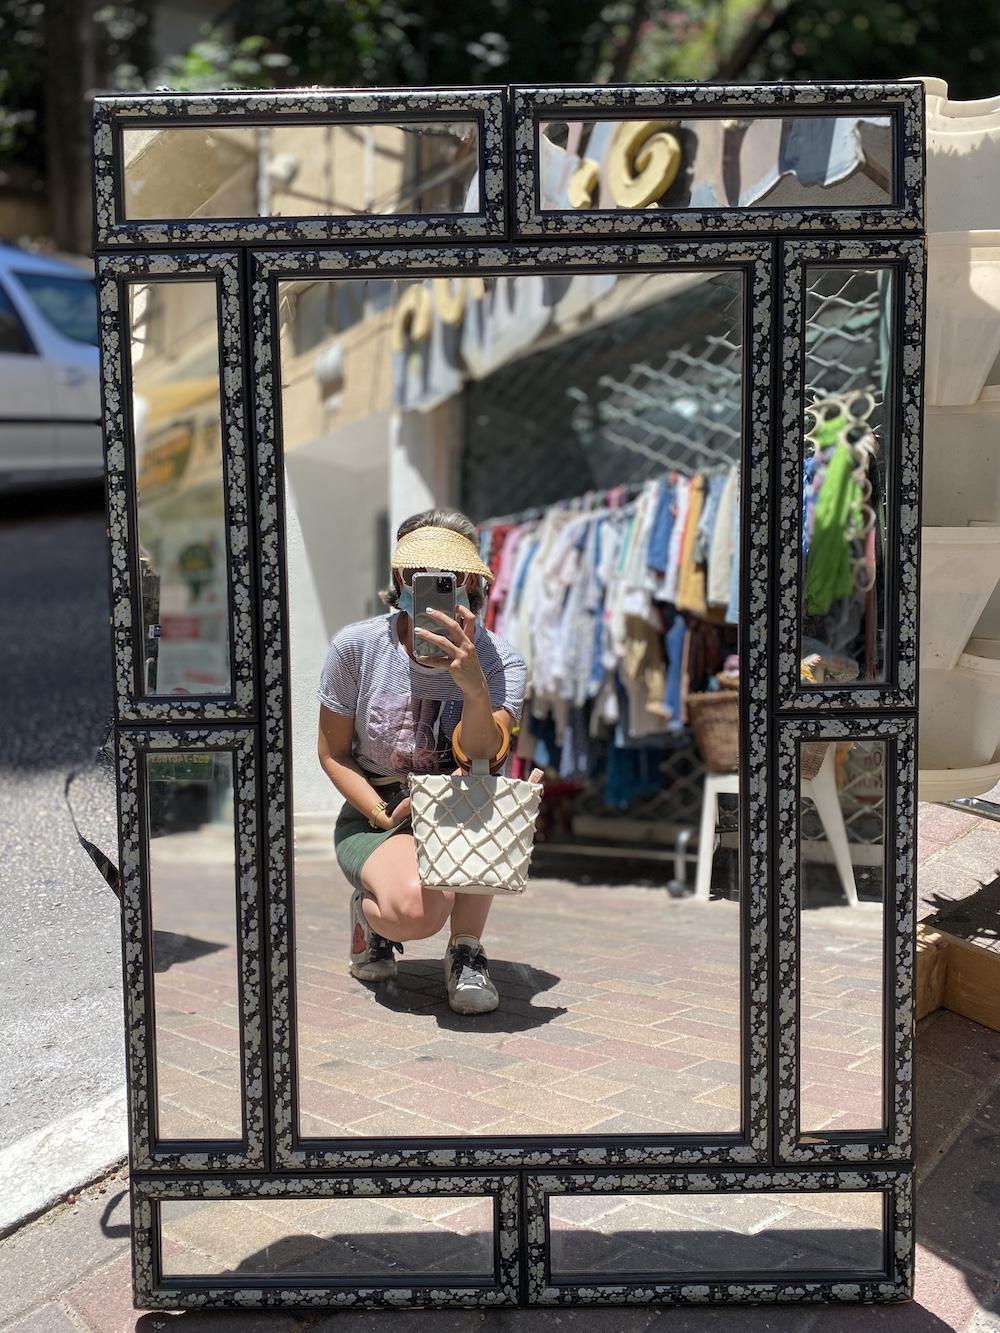 חנות יפה חנות וינטג׳ יד שניה שירי ויצנר בלוג חיפאית8